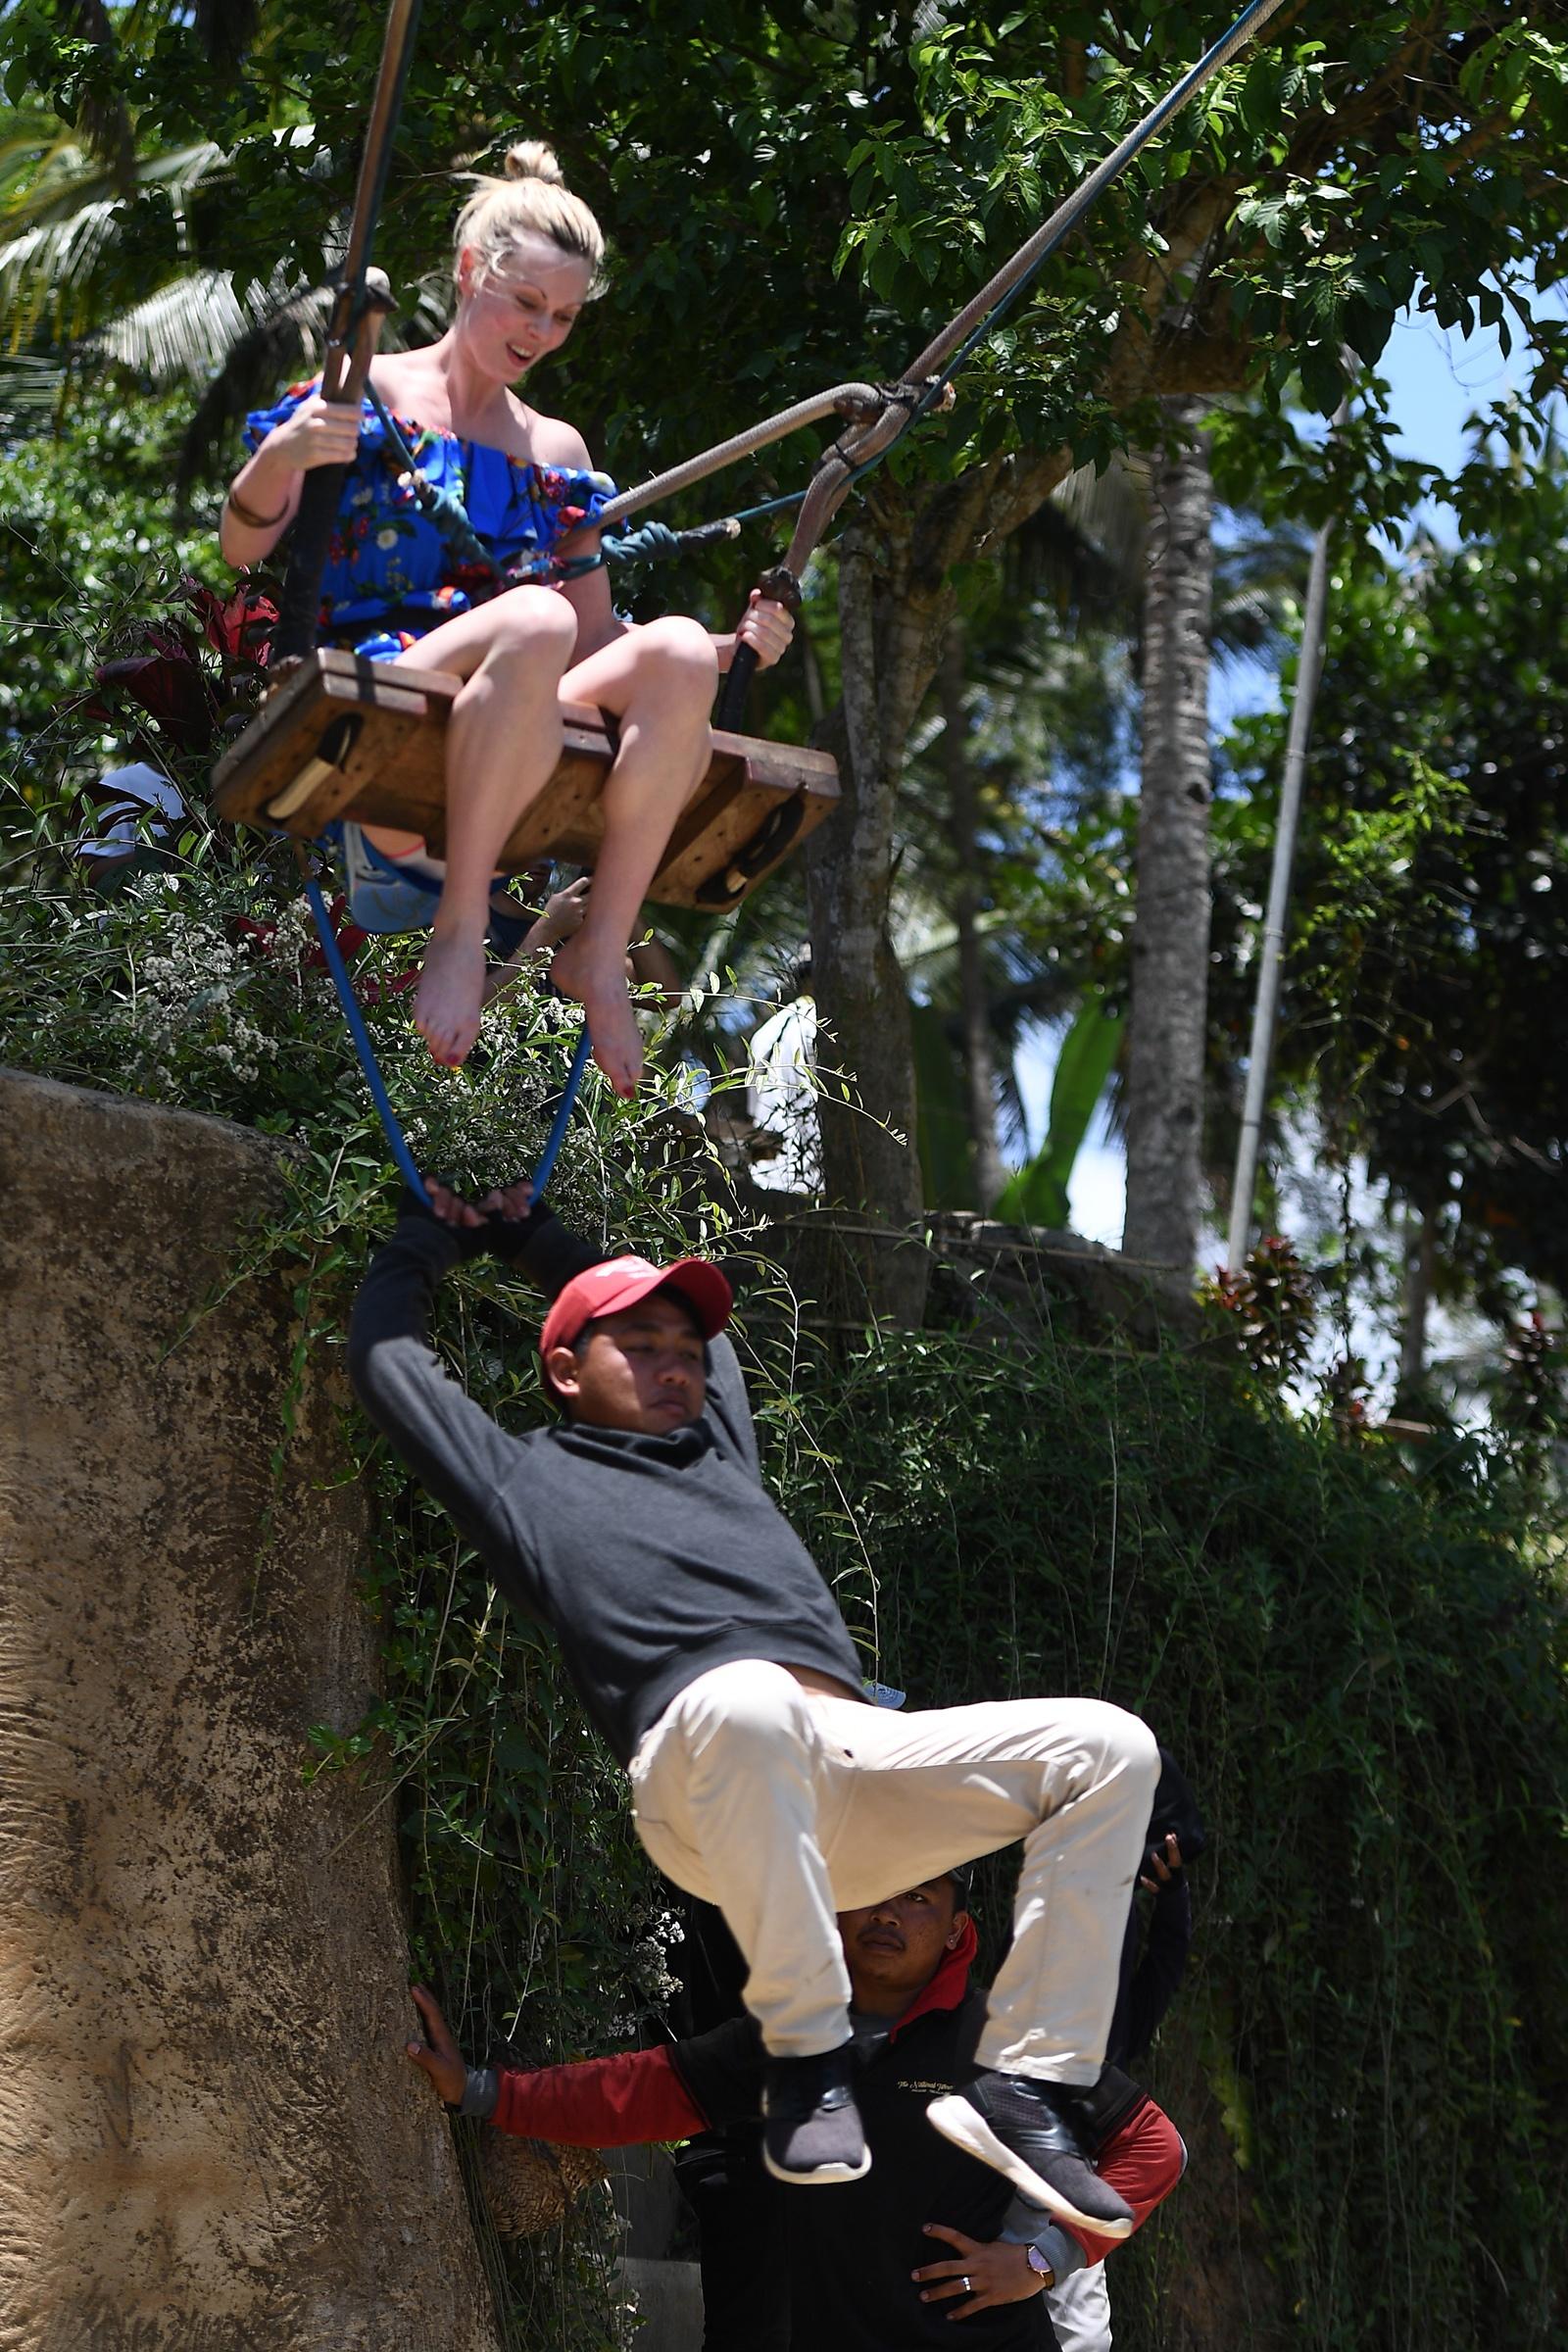 Nhung ngay duoi bat mat troi lan o Bali hinh anh 27